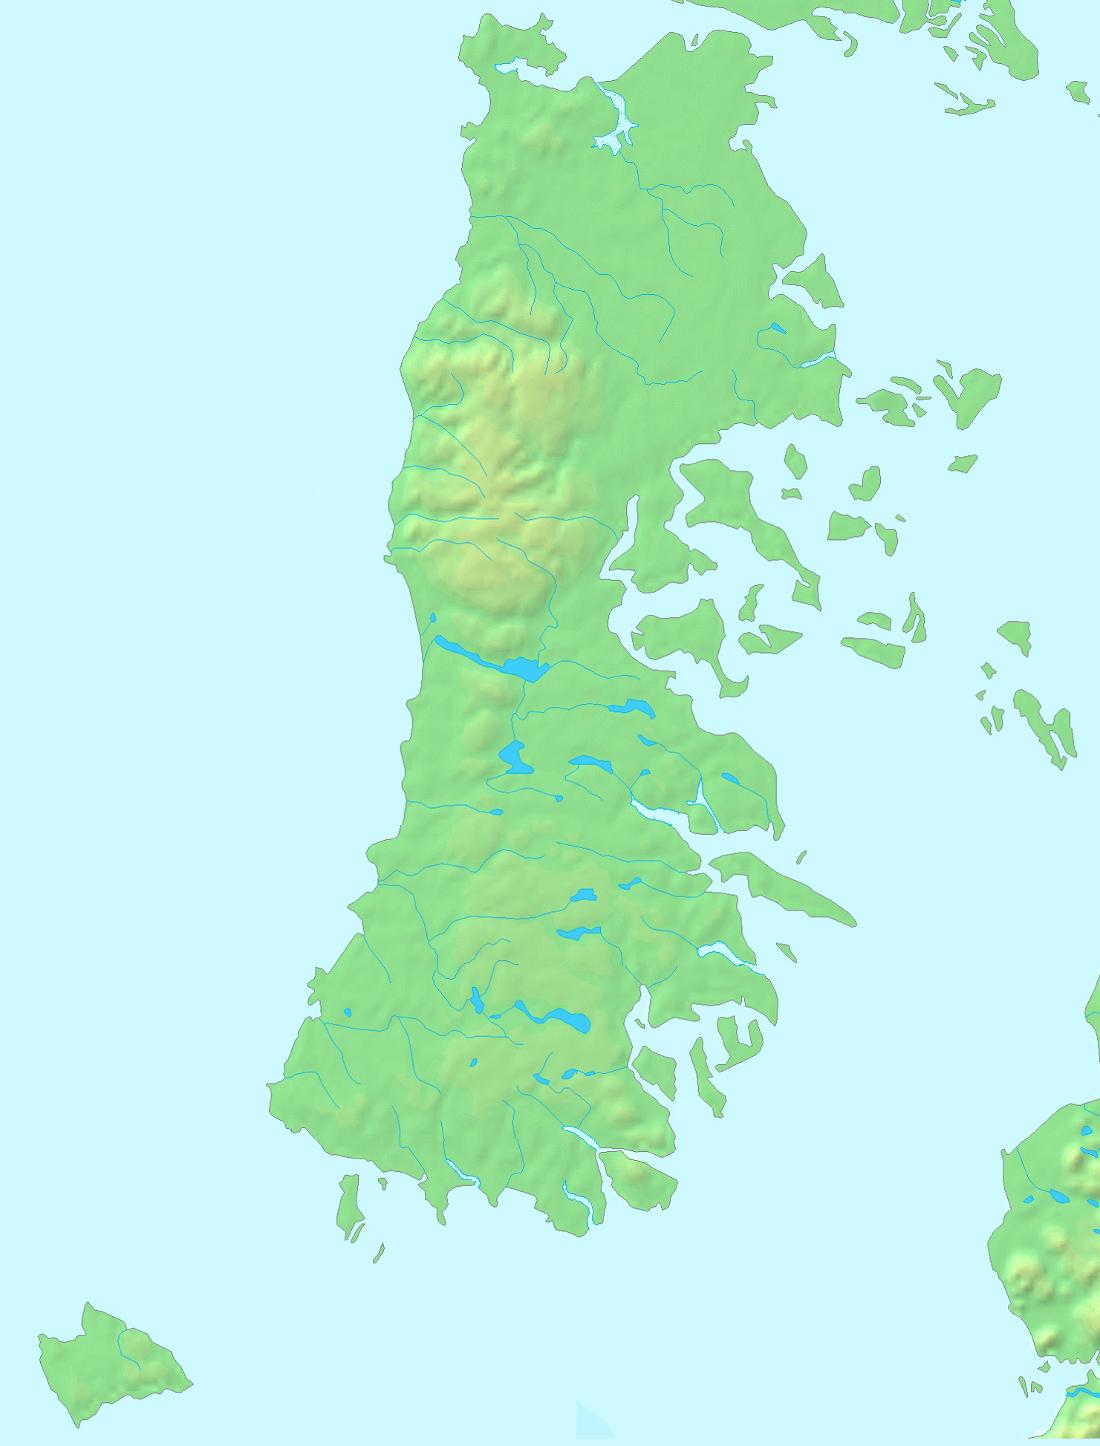 Mapa del archipiélago (las islas del extremo superior derecho no forman parte de él)